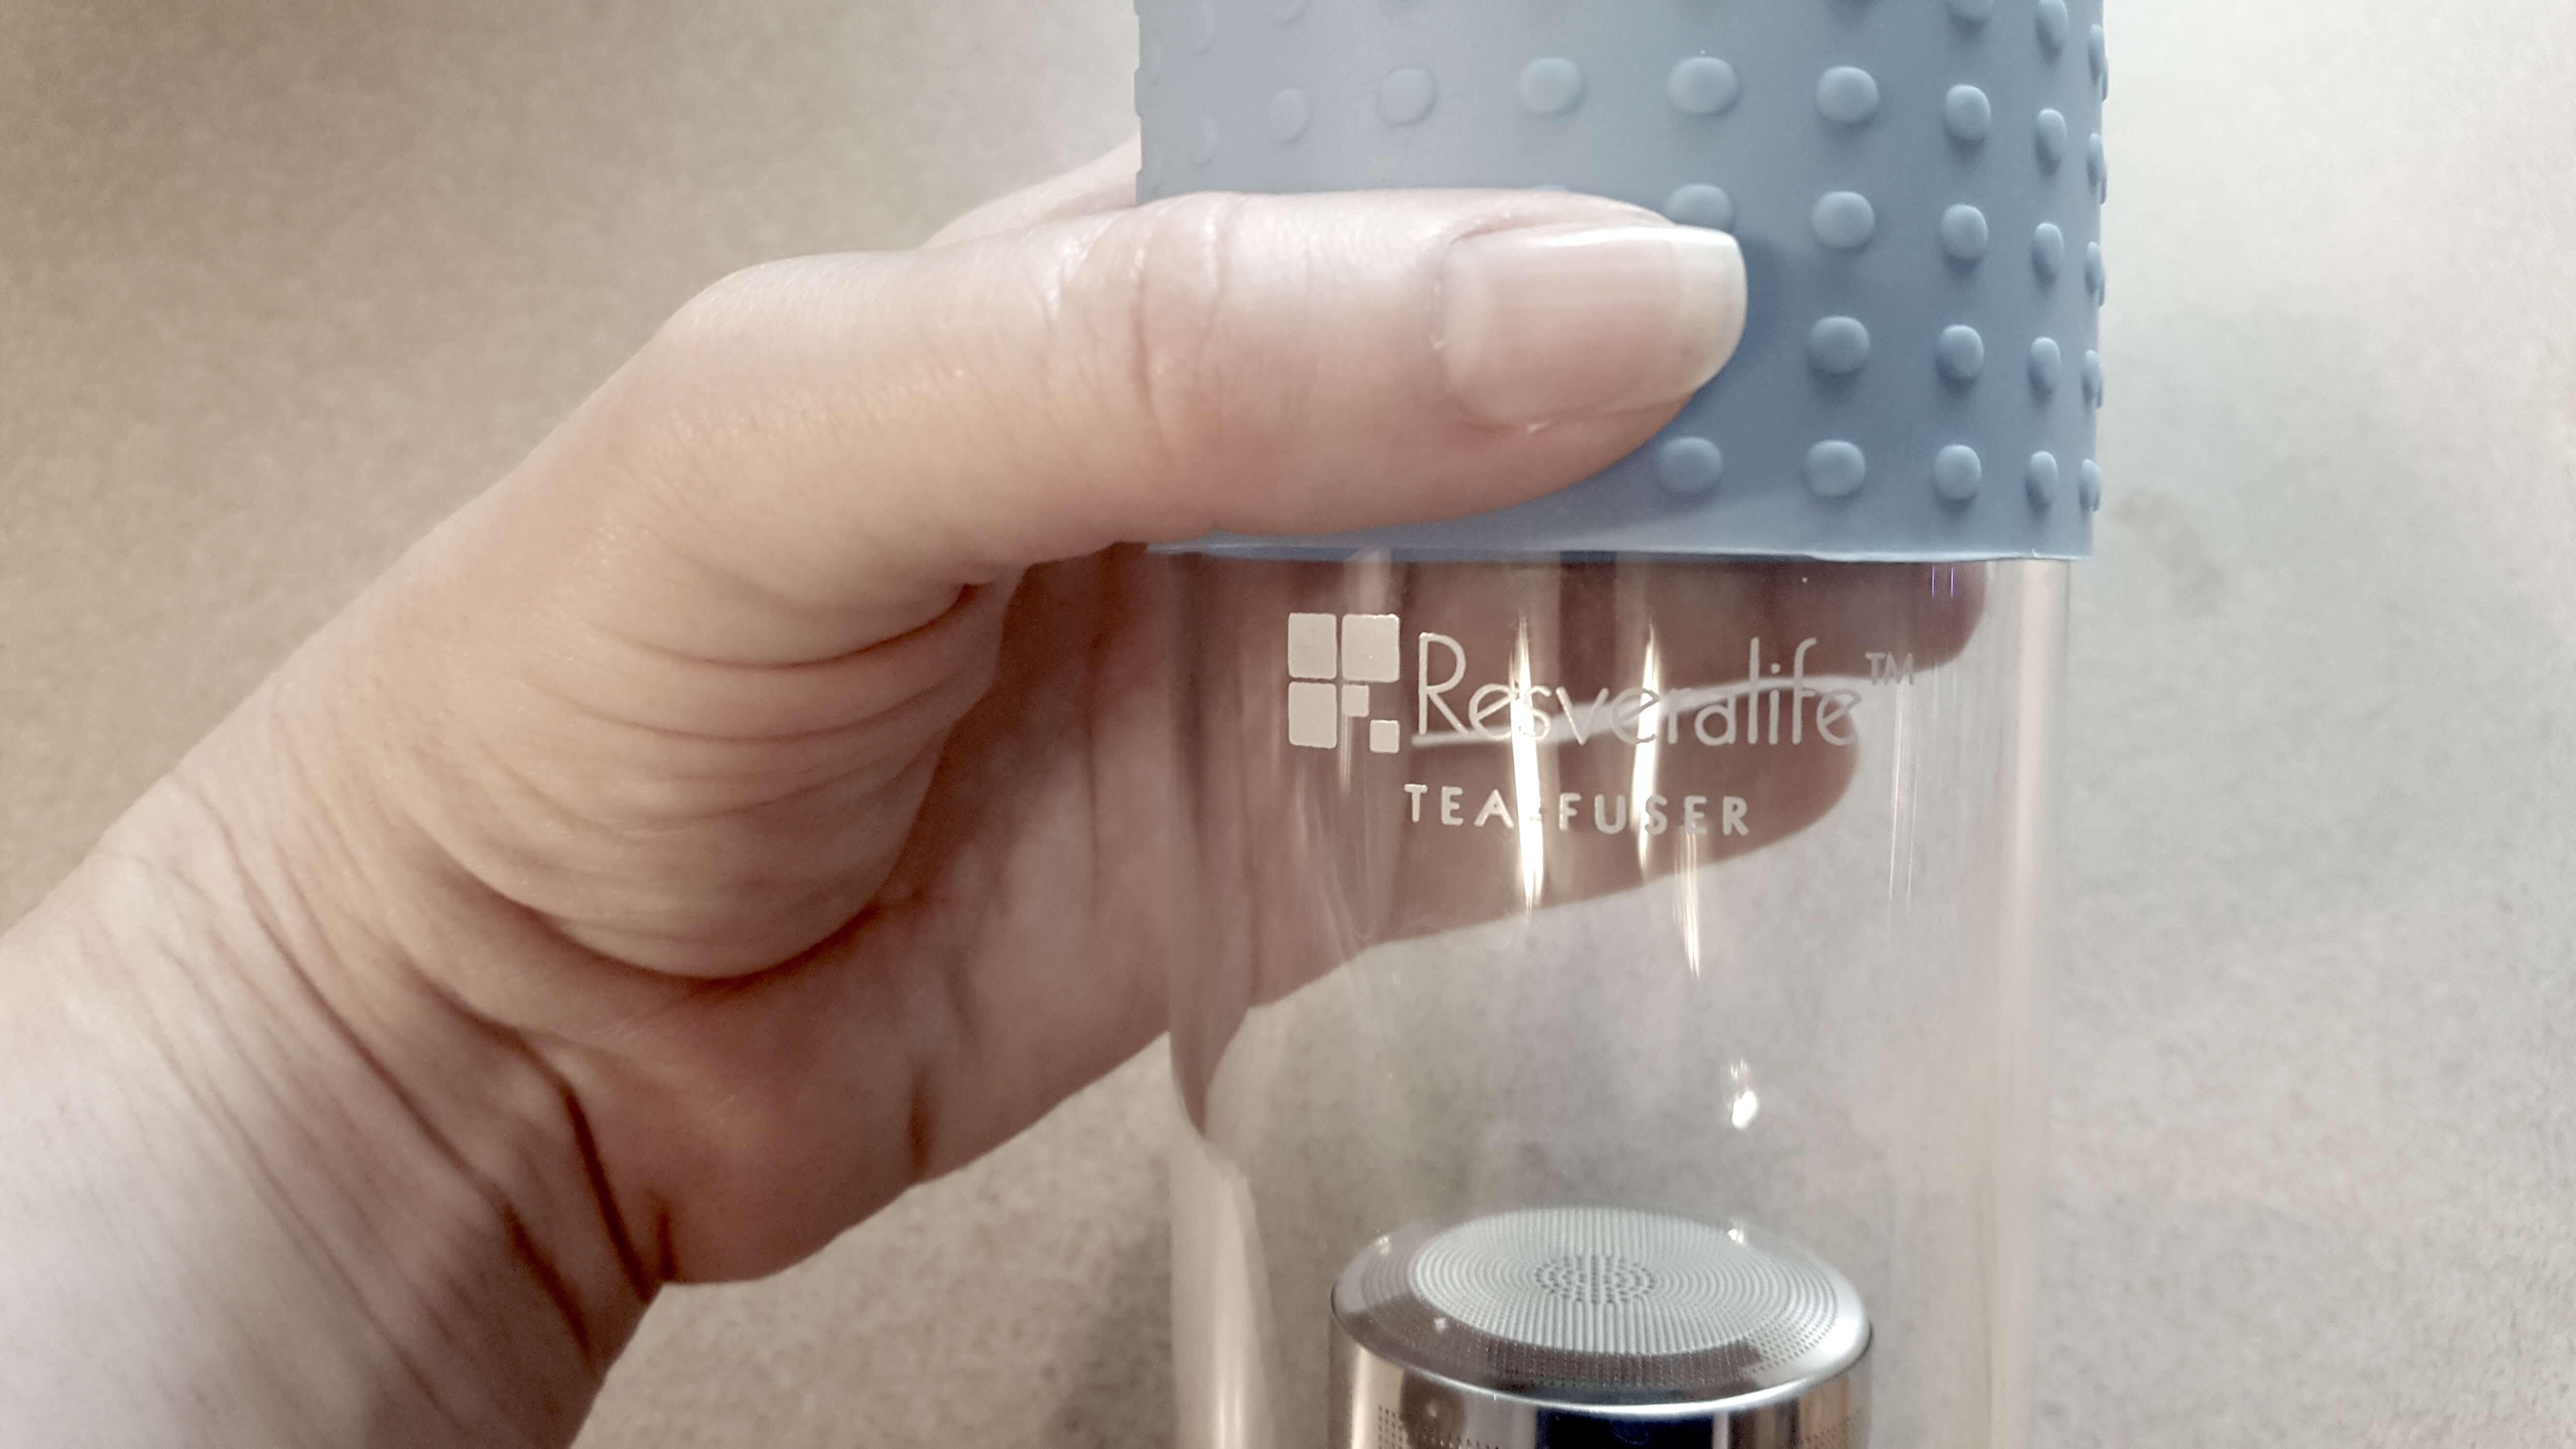 holding Resveralife tea infuser